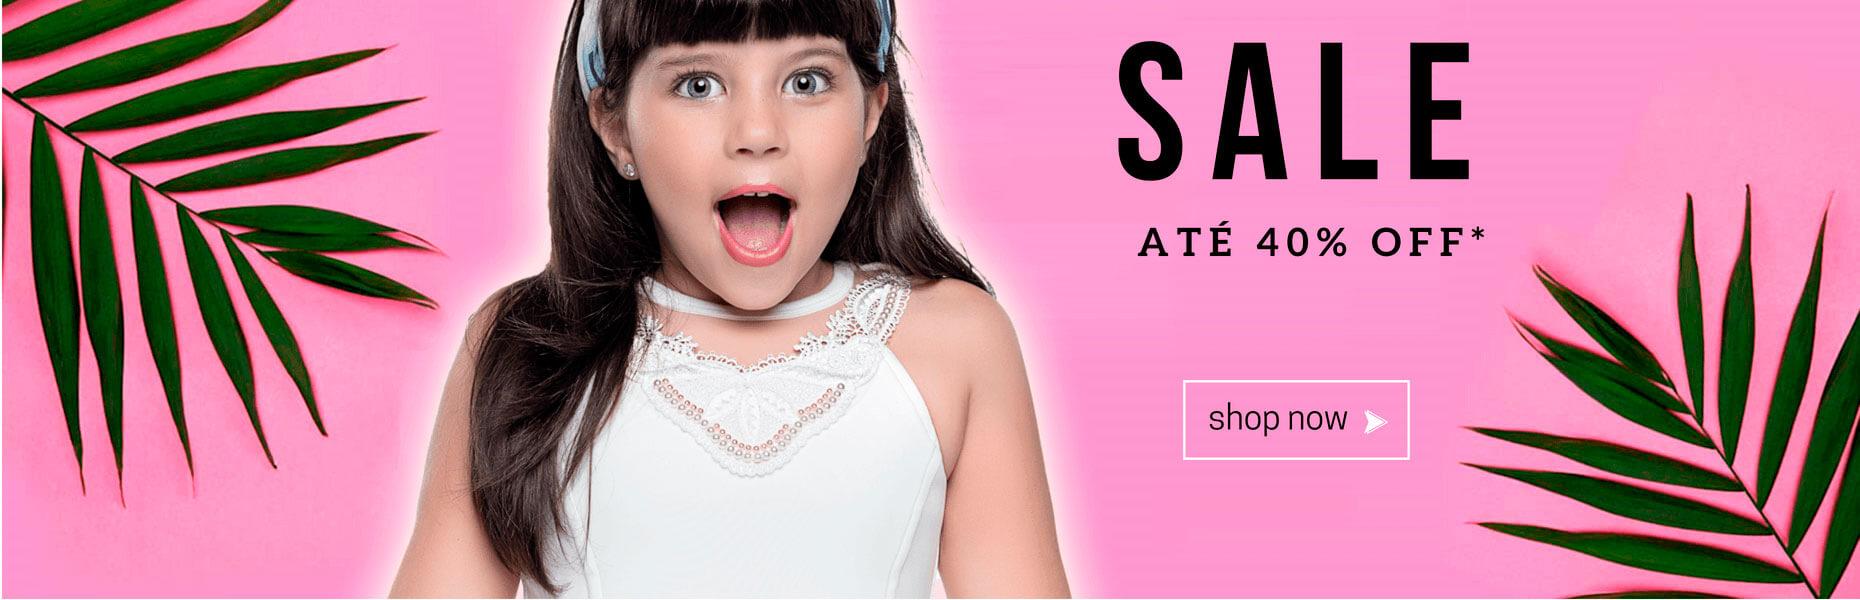 promocao loja infantil